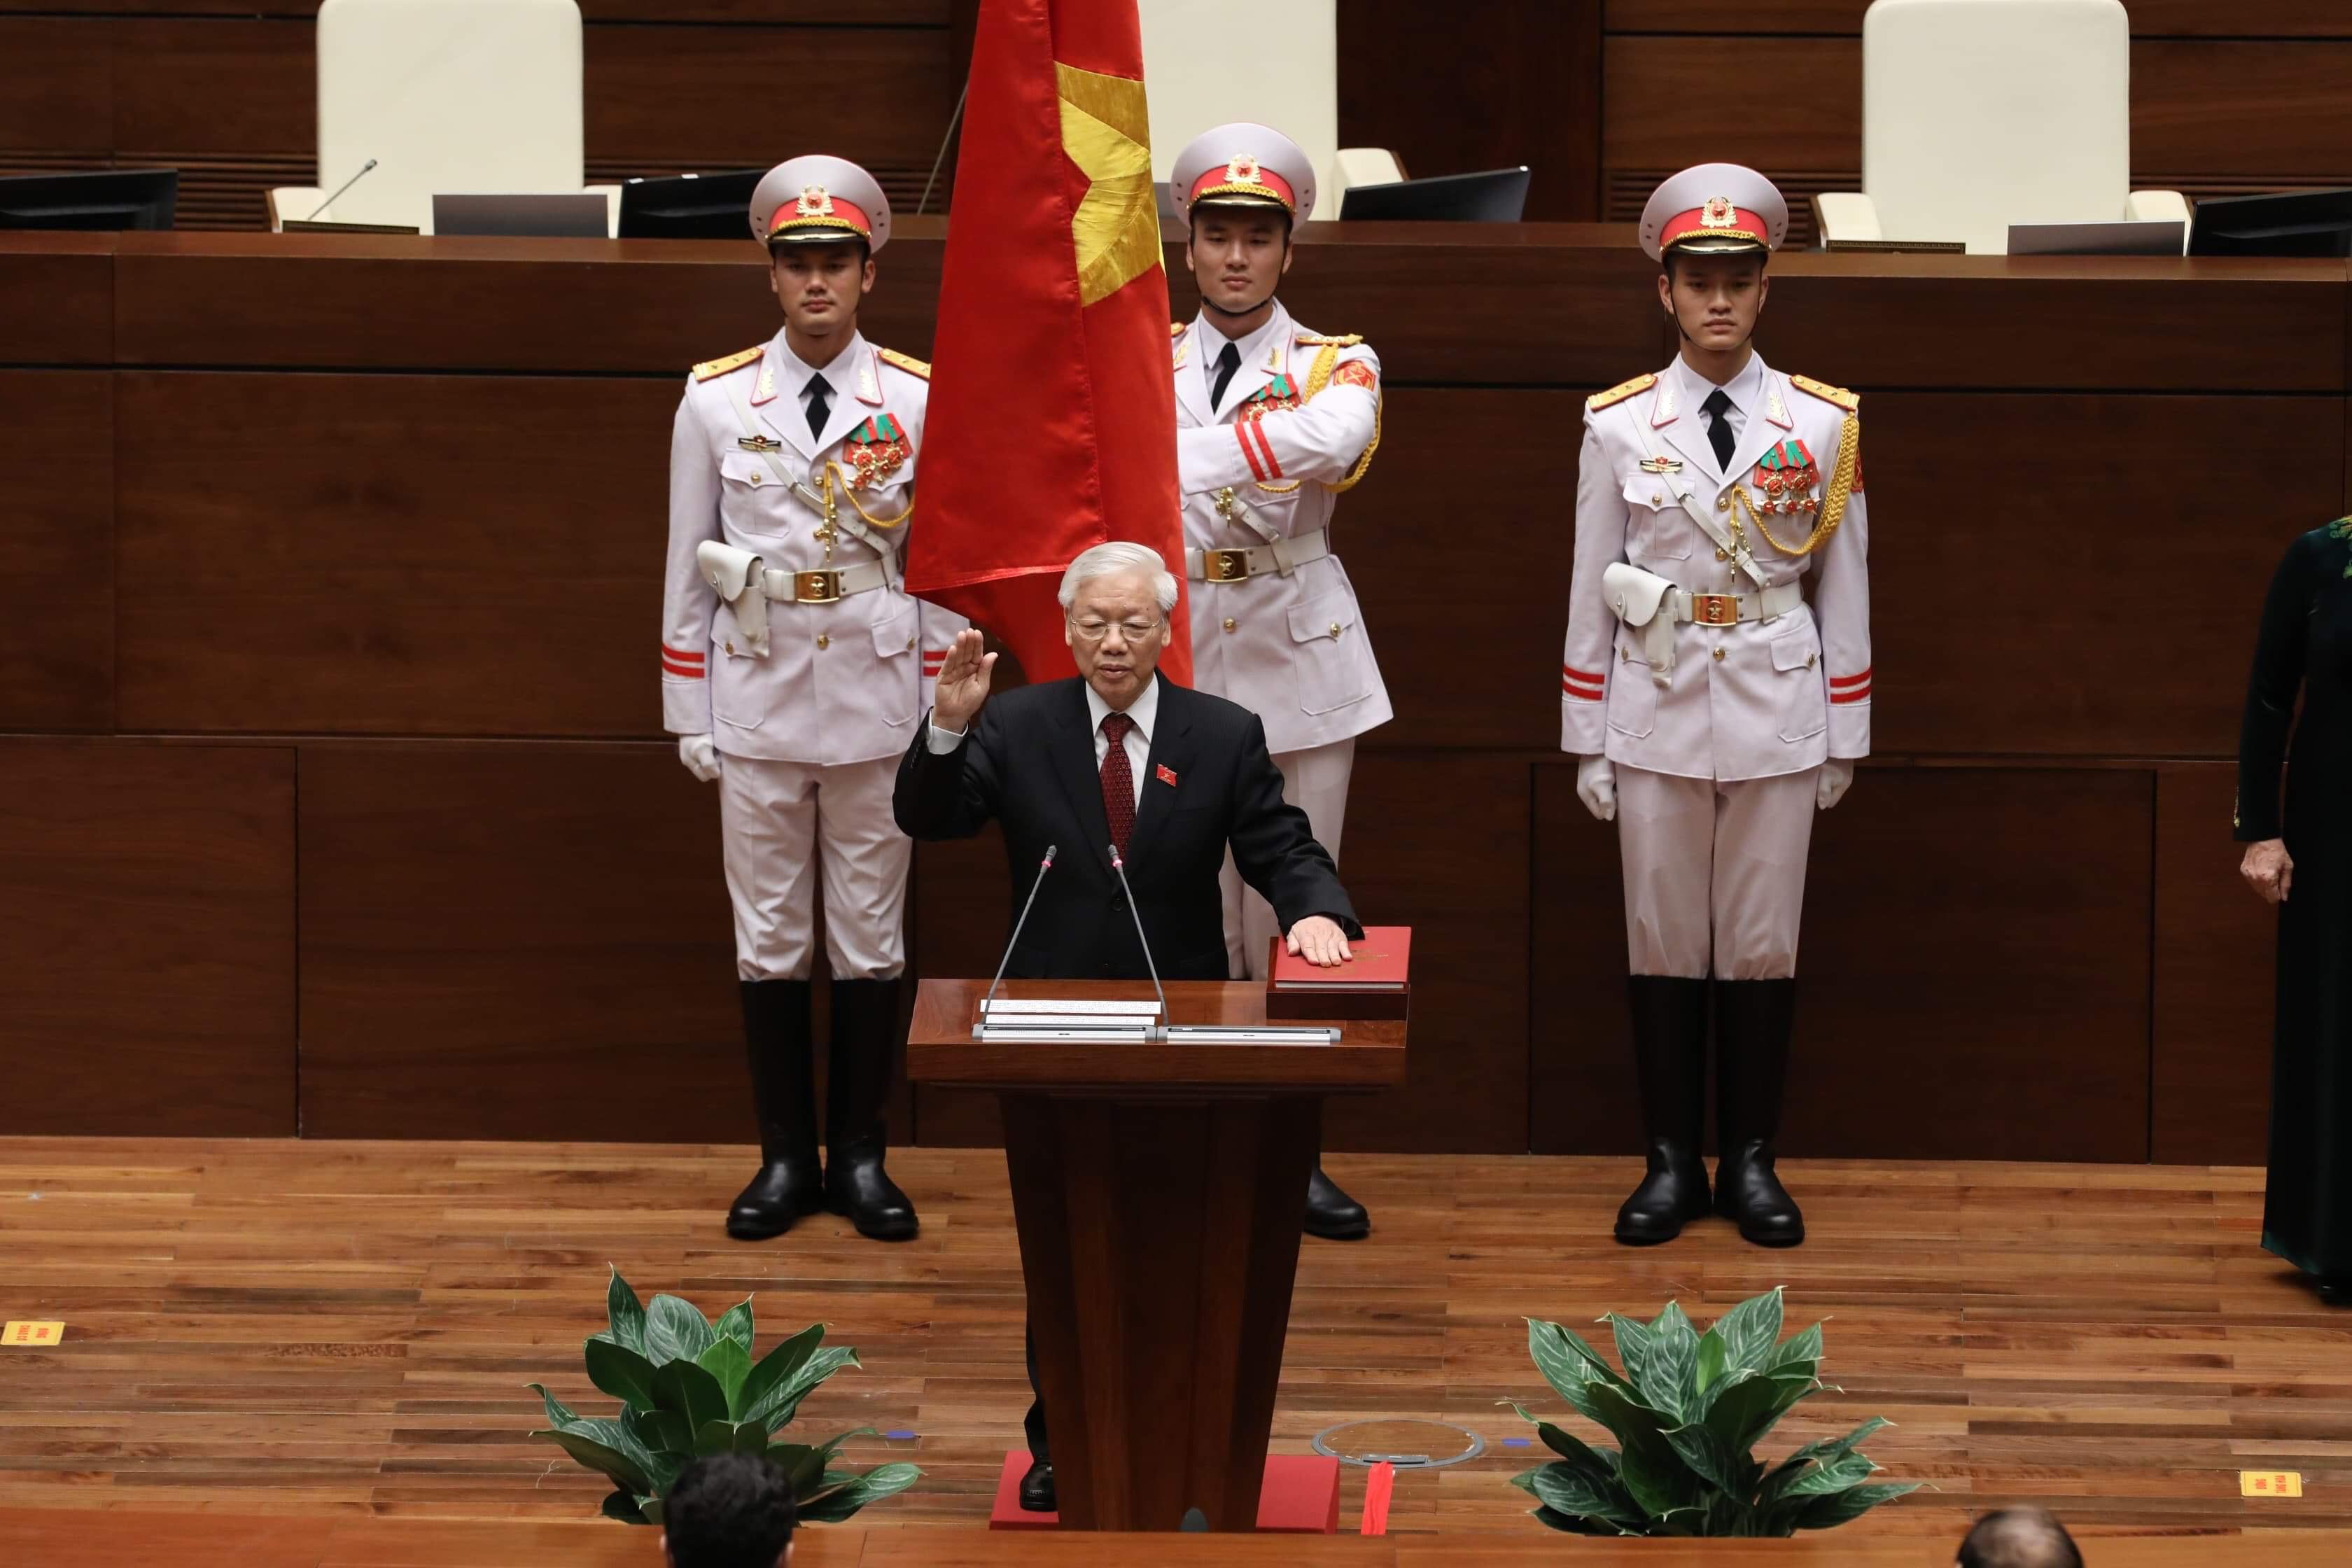 Báo nước ngoài đồng loạt đưa tin Tổng Bí thư Nguyễn Phú Trọng được bầu làm Chủ tịch nước